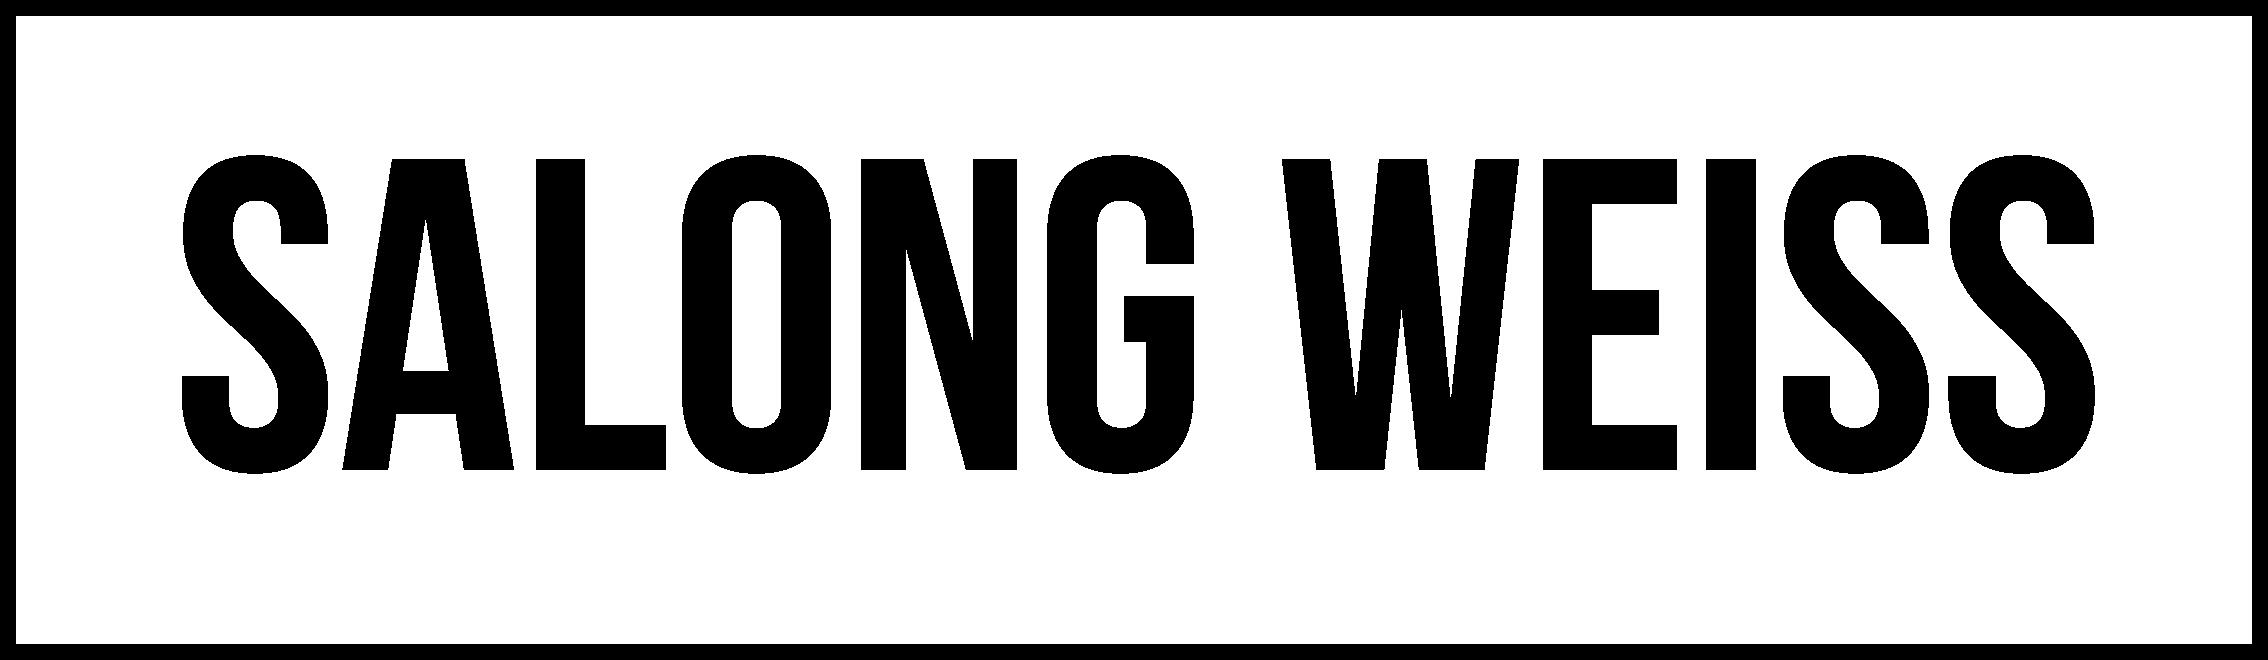 SALONG WEISS